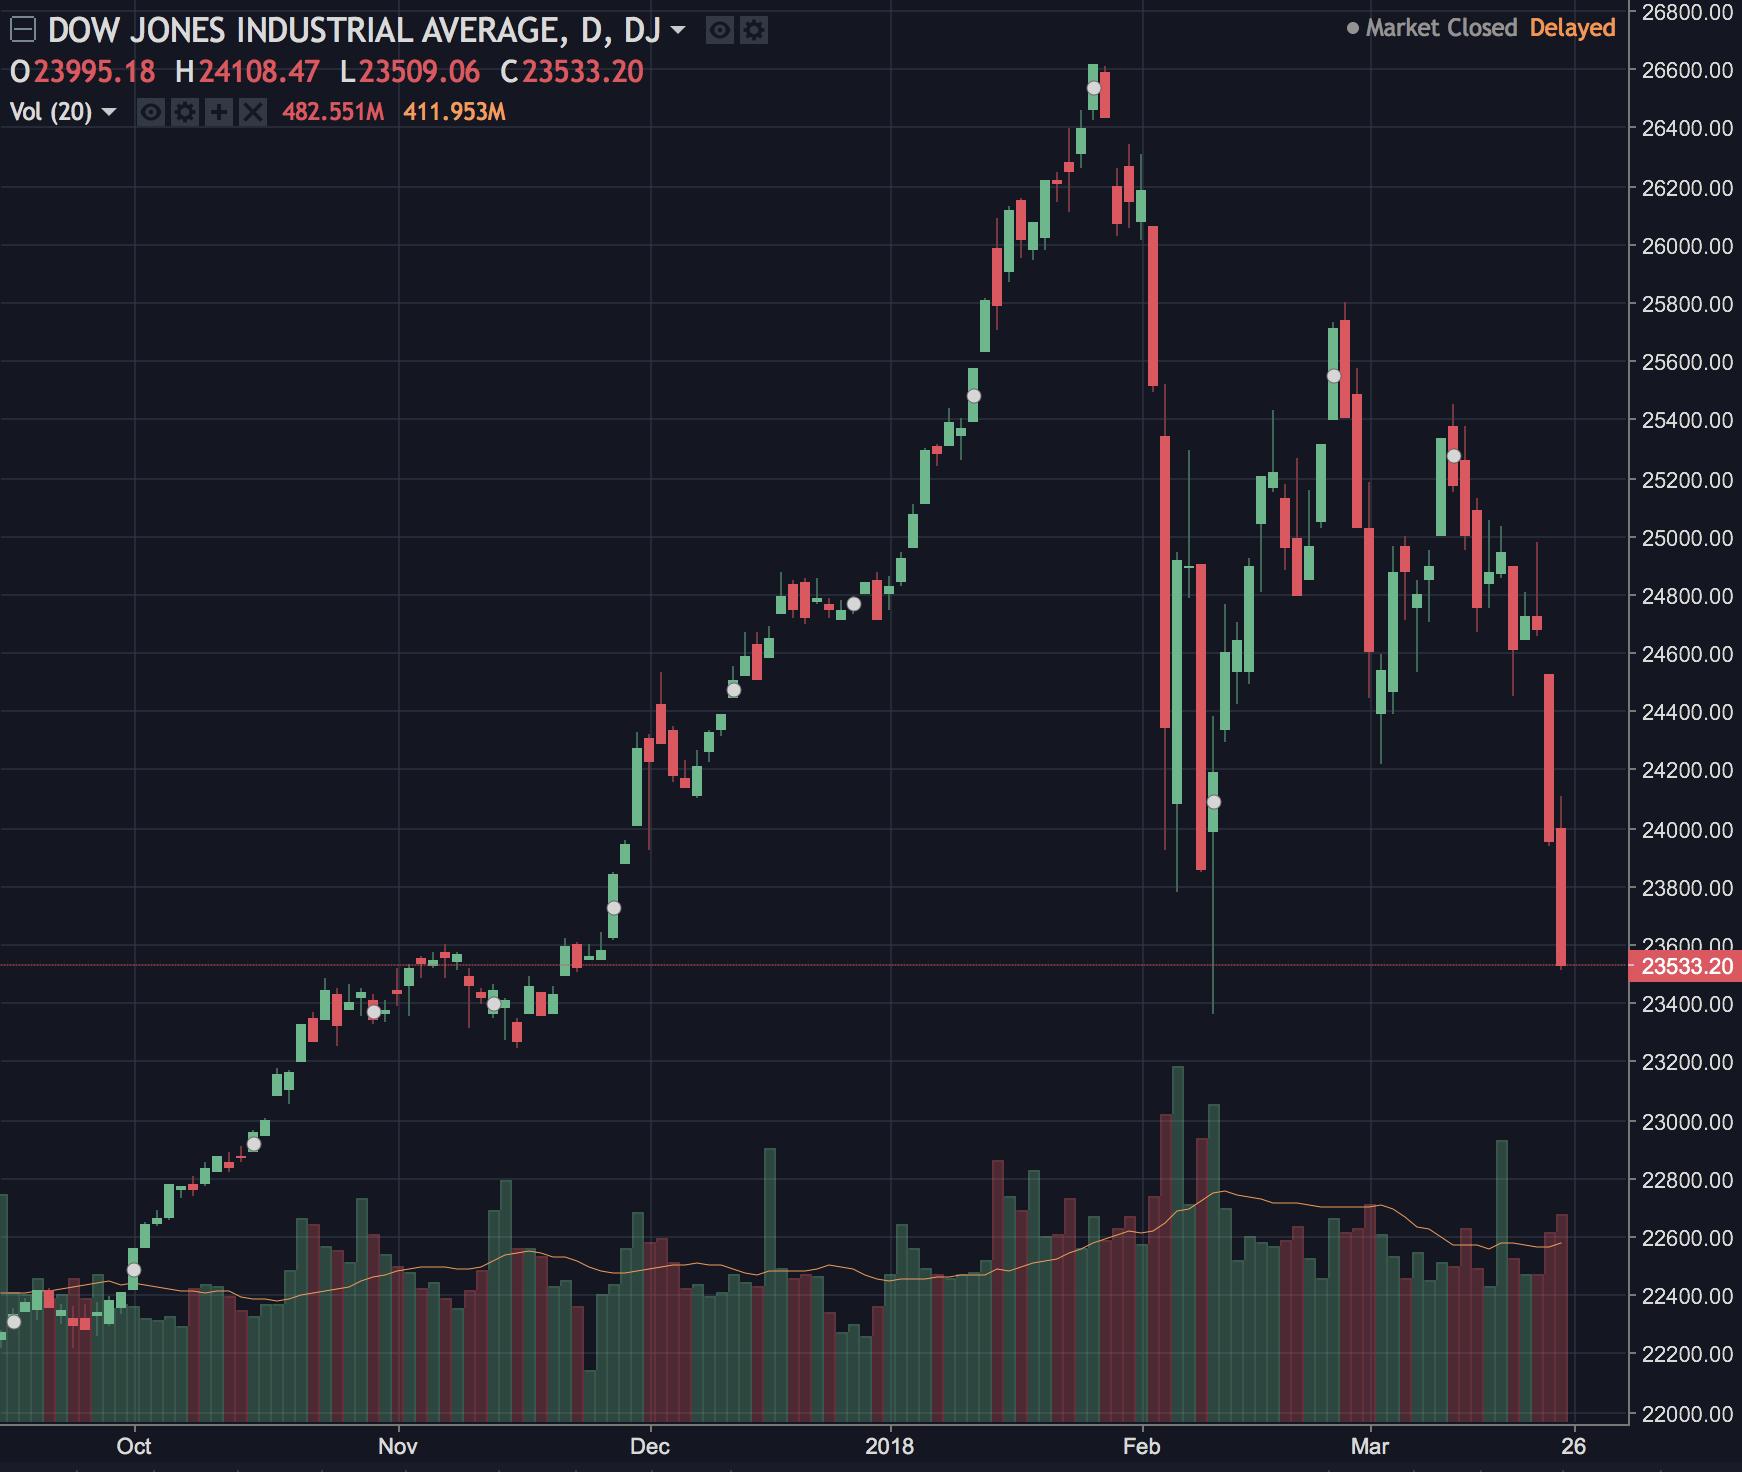 Акции падают, криптовалюты растут